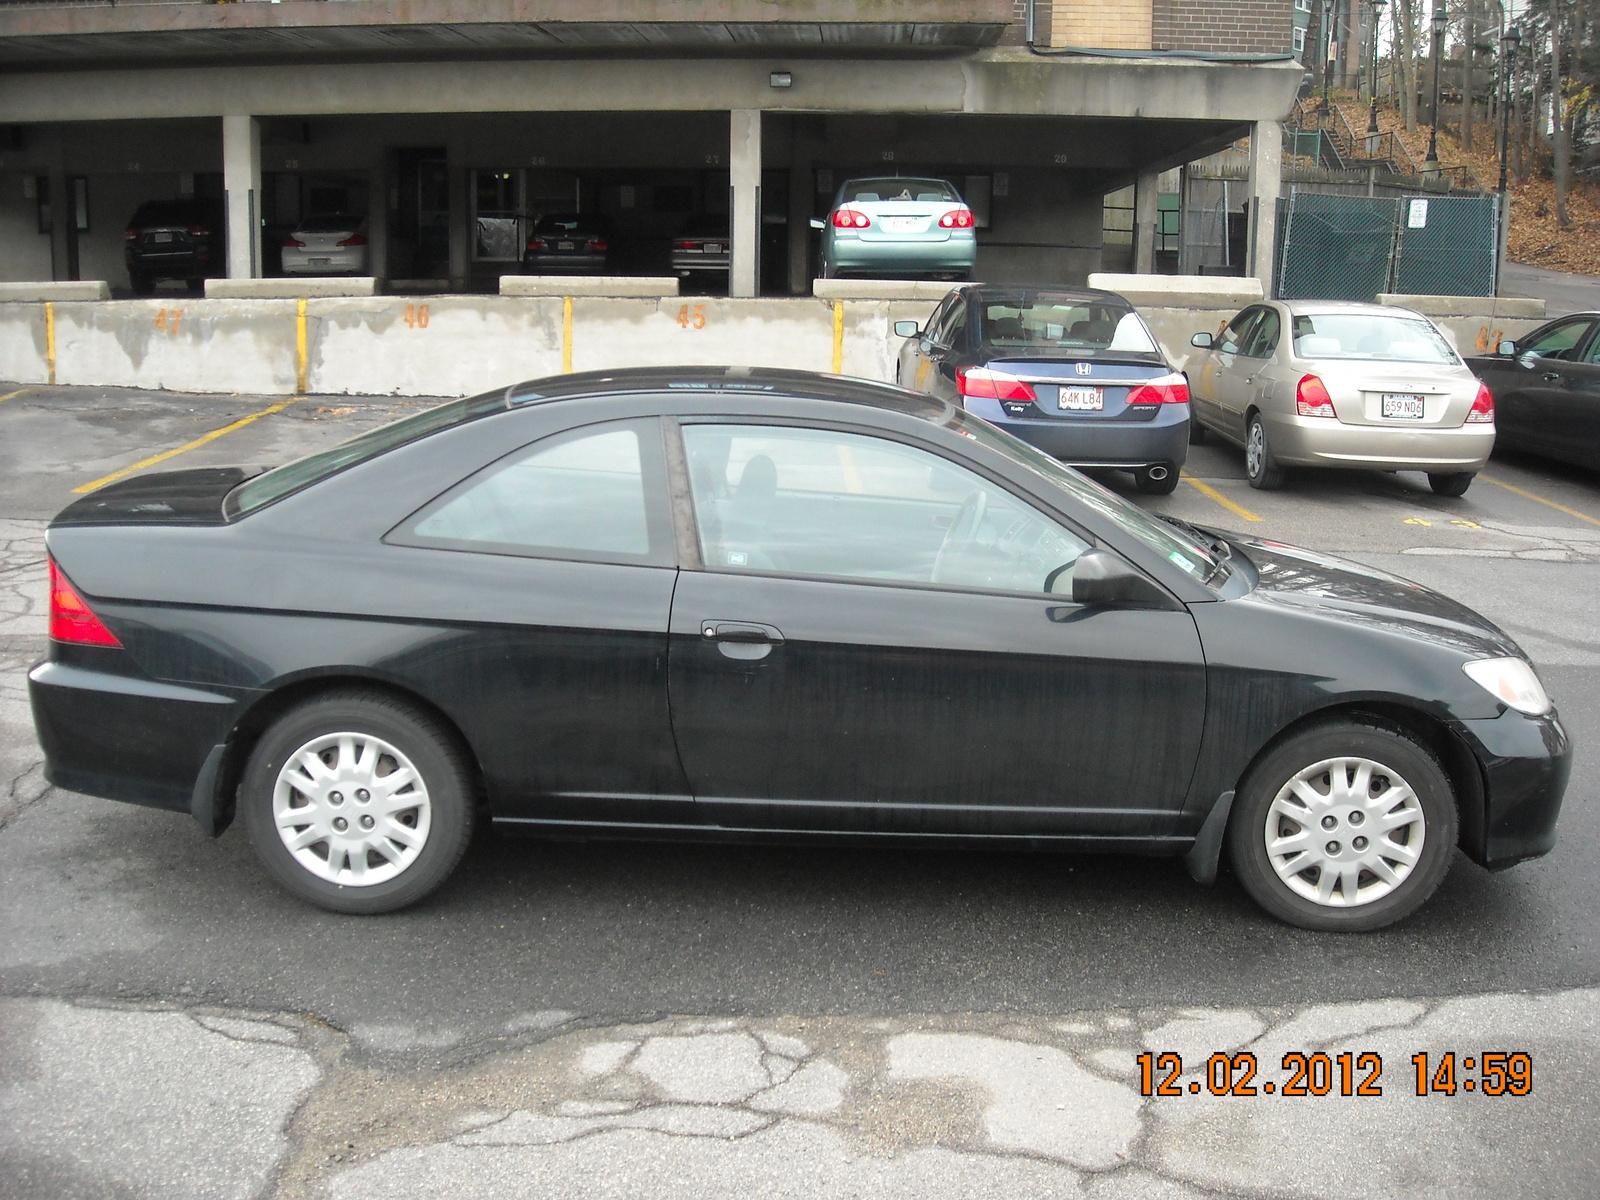 2004 Honda Civic Exterior Pictures Cargurus